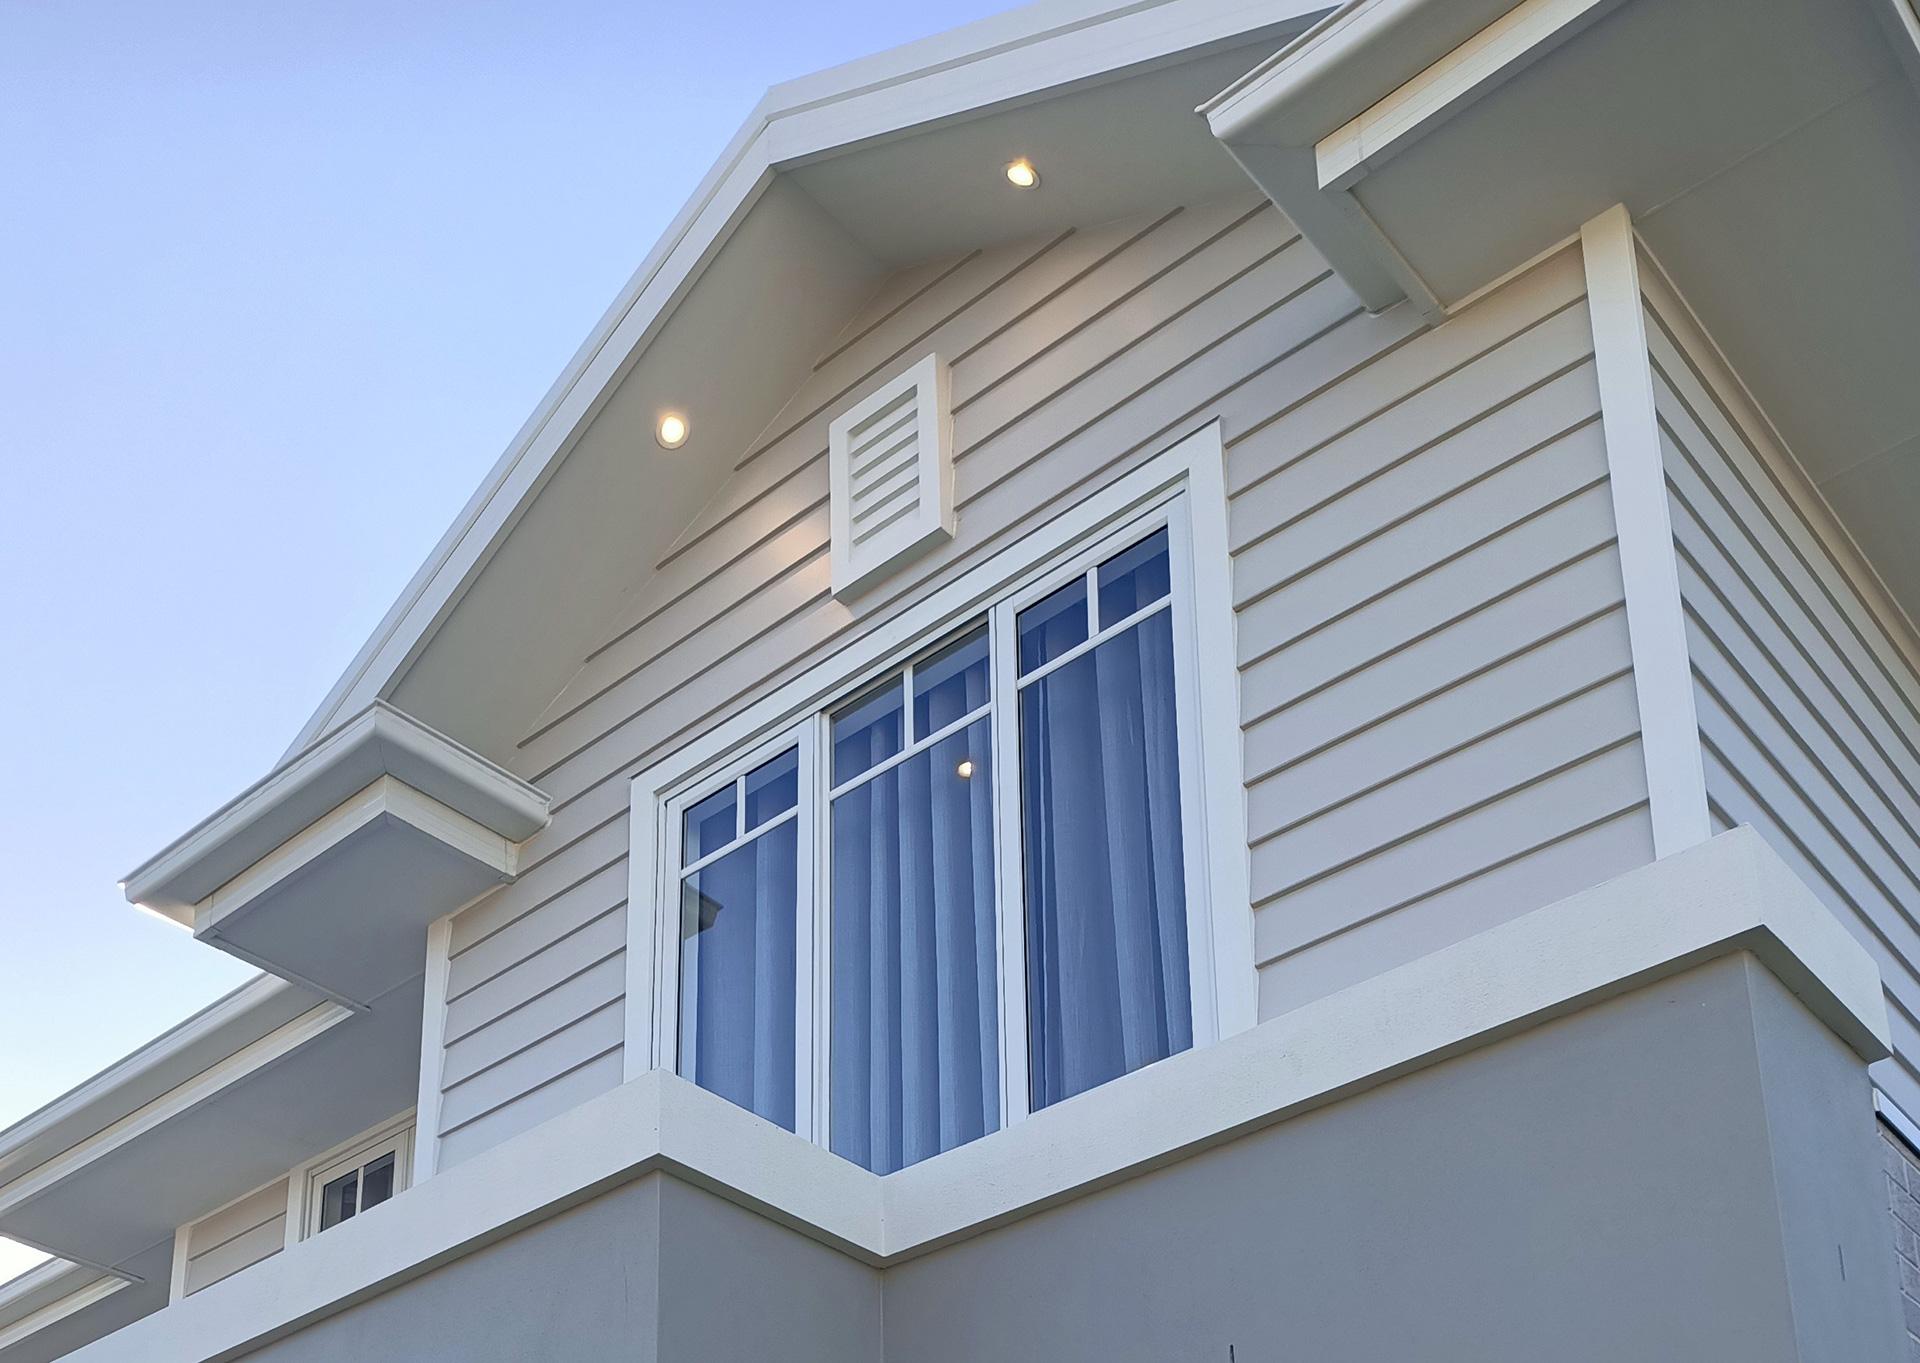 Hamptons style mock external vent gold coast Australia